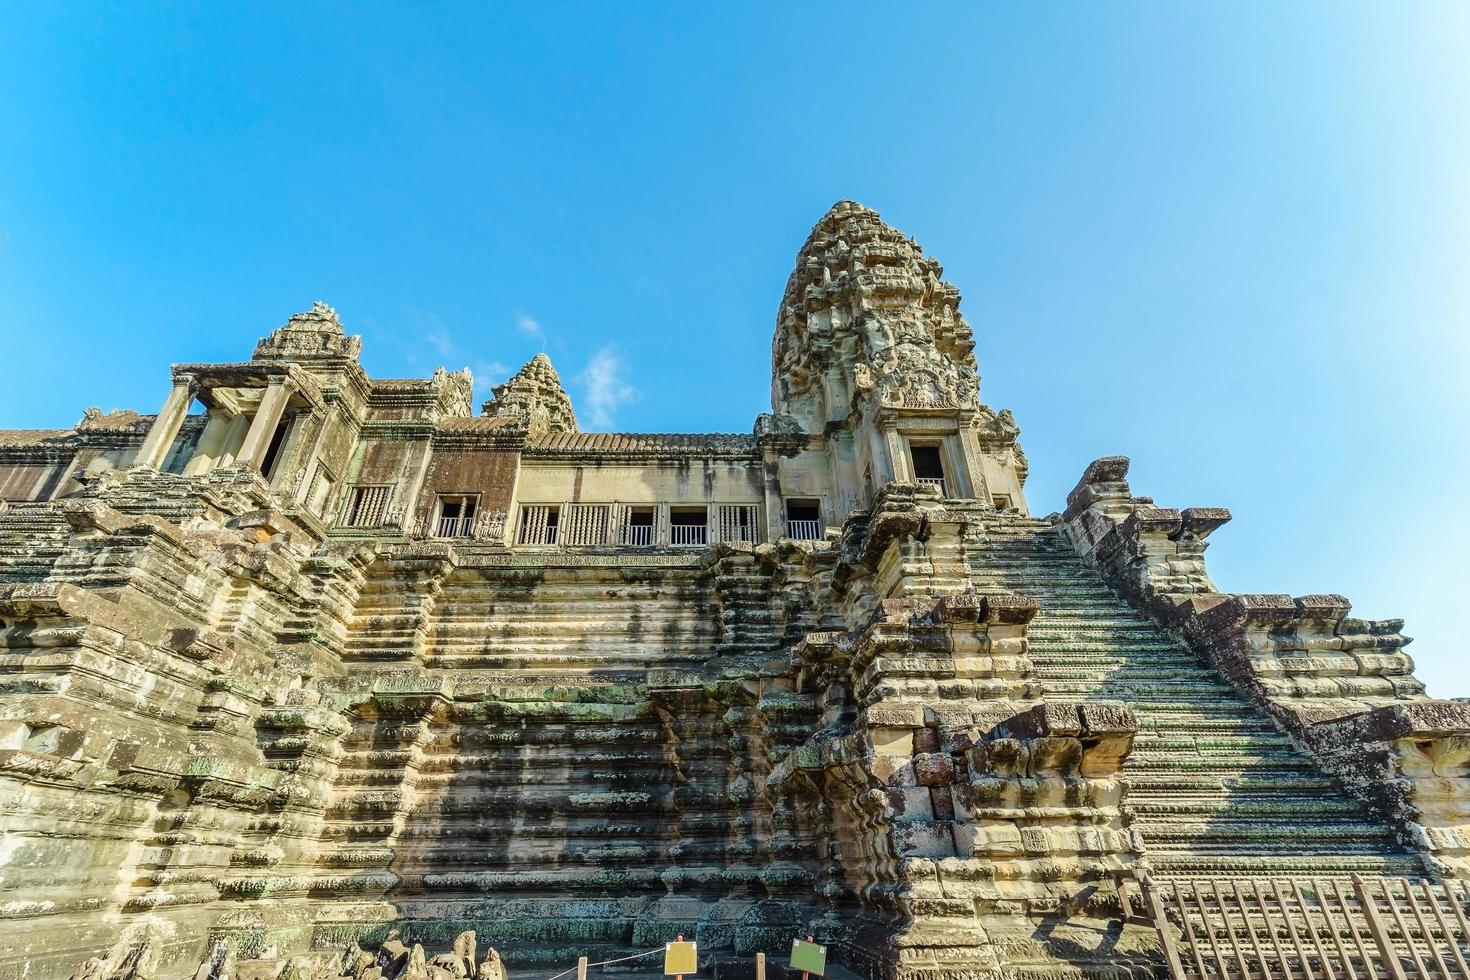 prachtig uitzicht op de tempel van angkor wat, cambodja foto